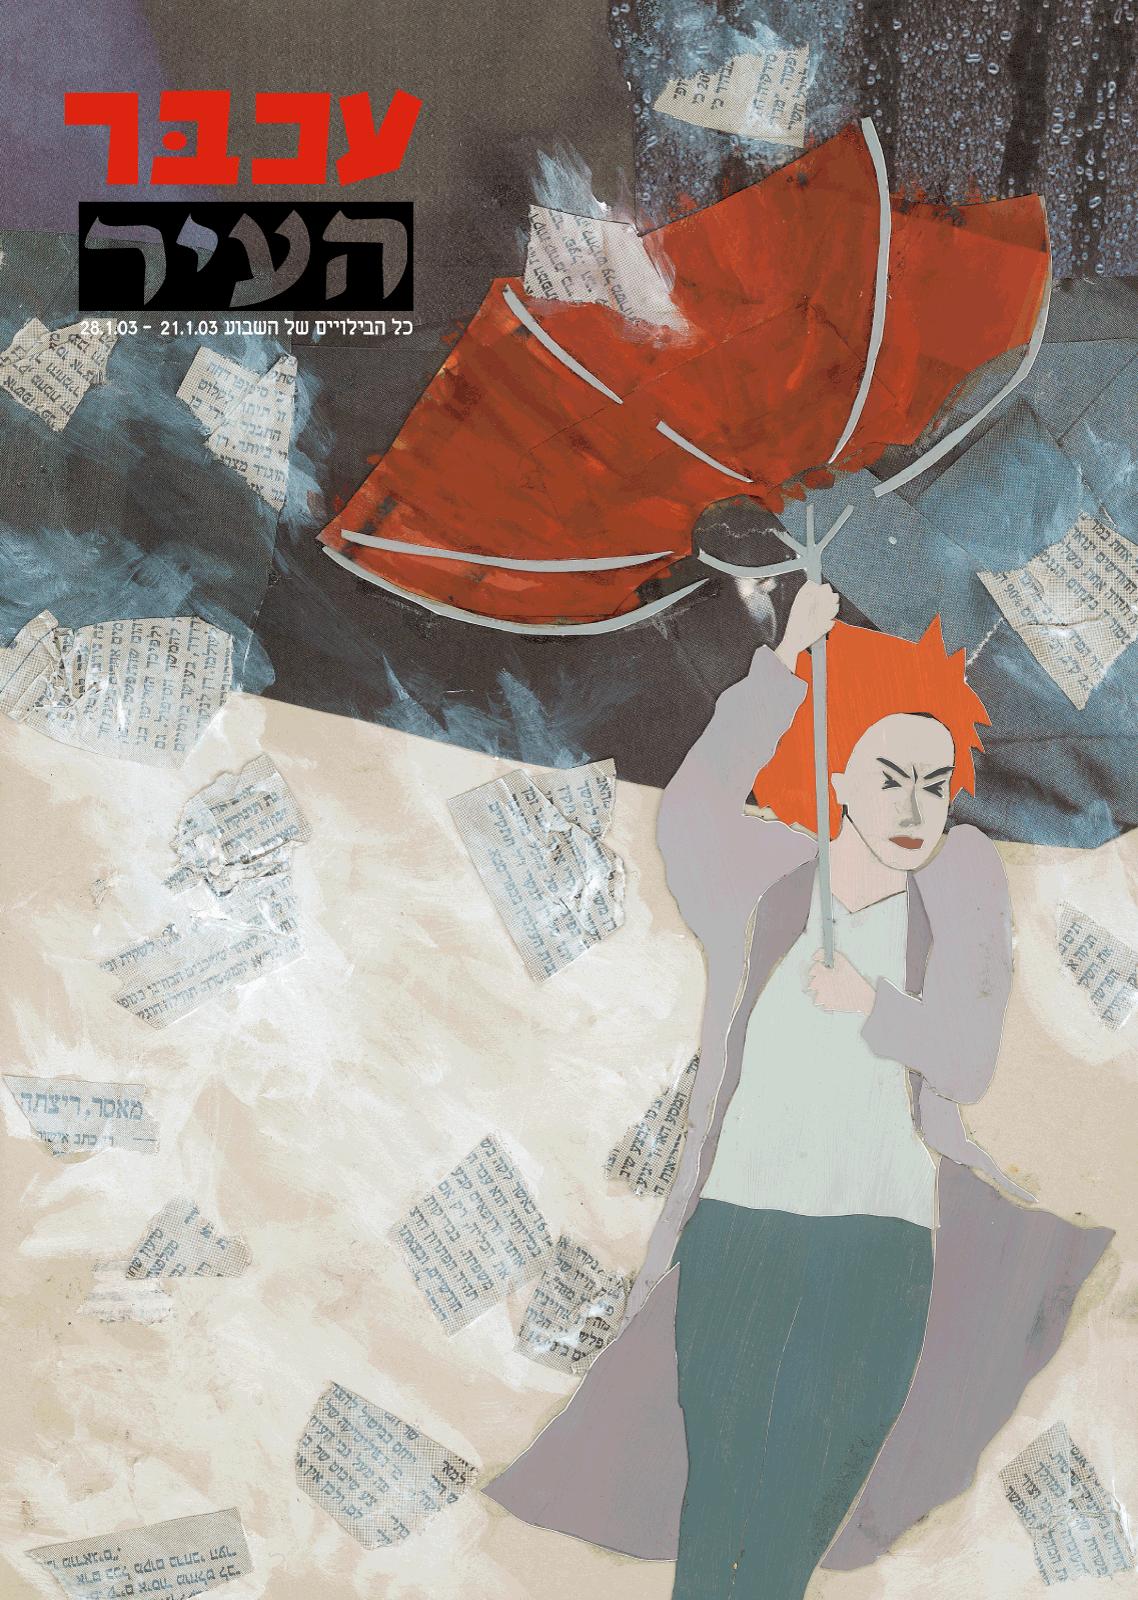 חורף ישראלי - איור שער למגזין